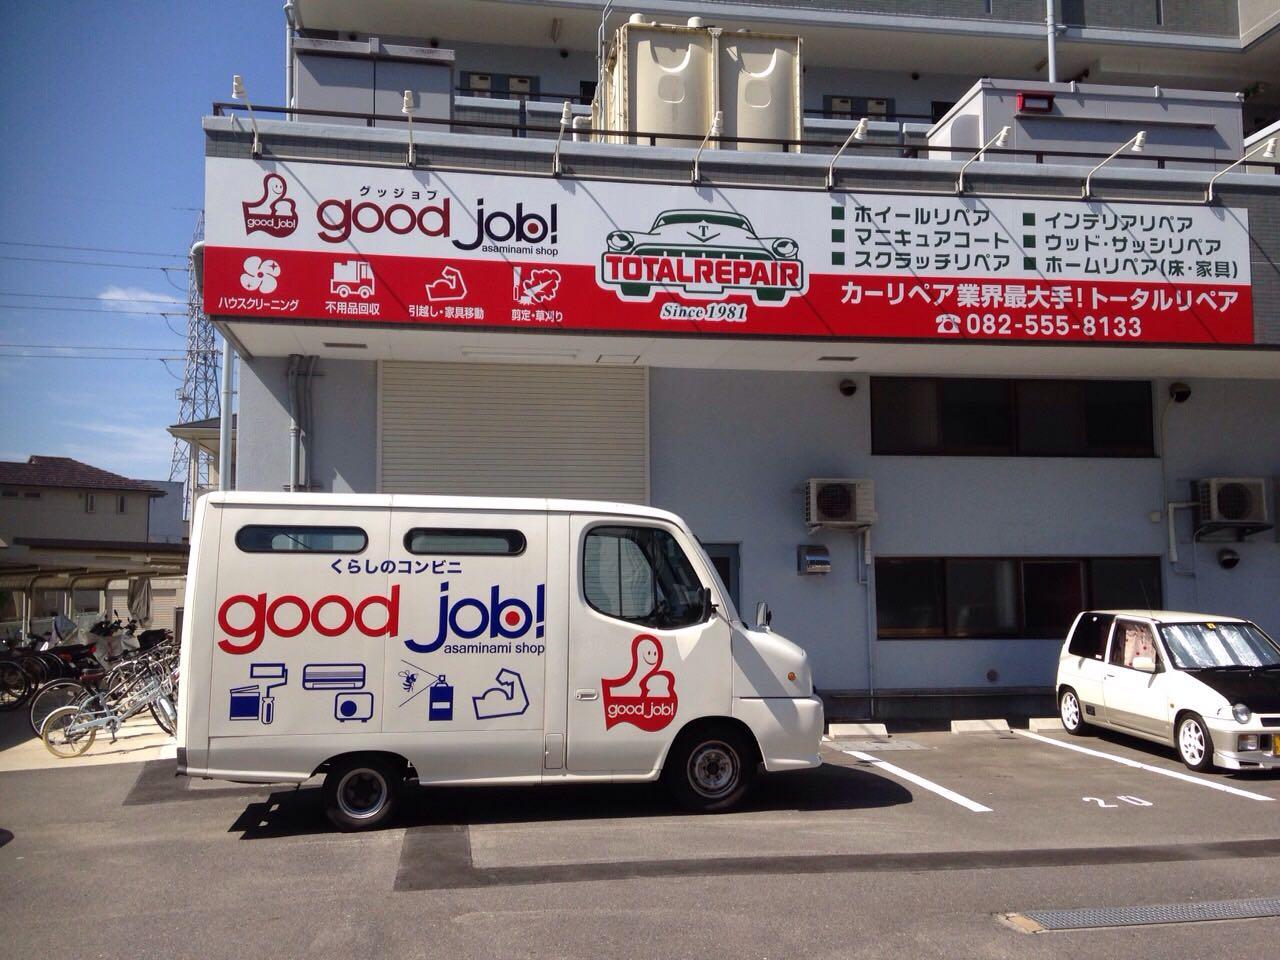 広島市安佐南区西原1丁目9-30(めーるにしむら奥) 赤い看板とサービスカーが目印です。